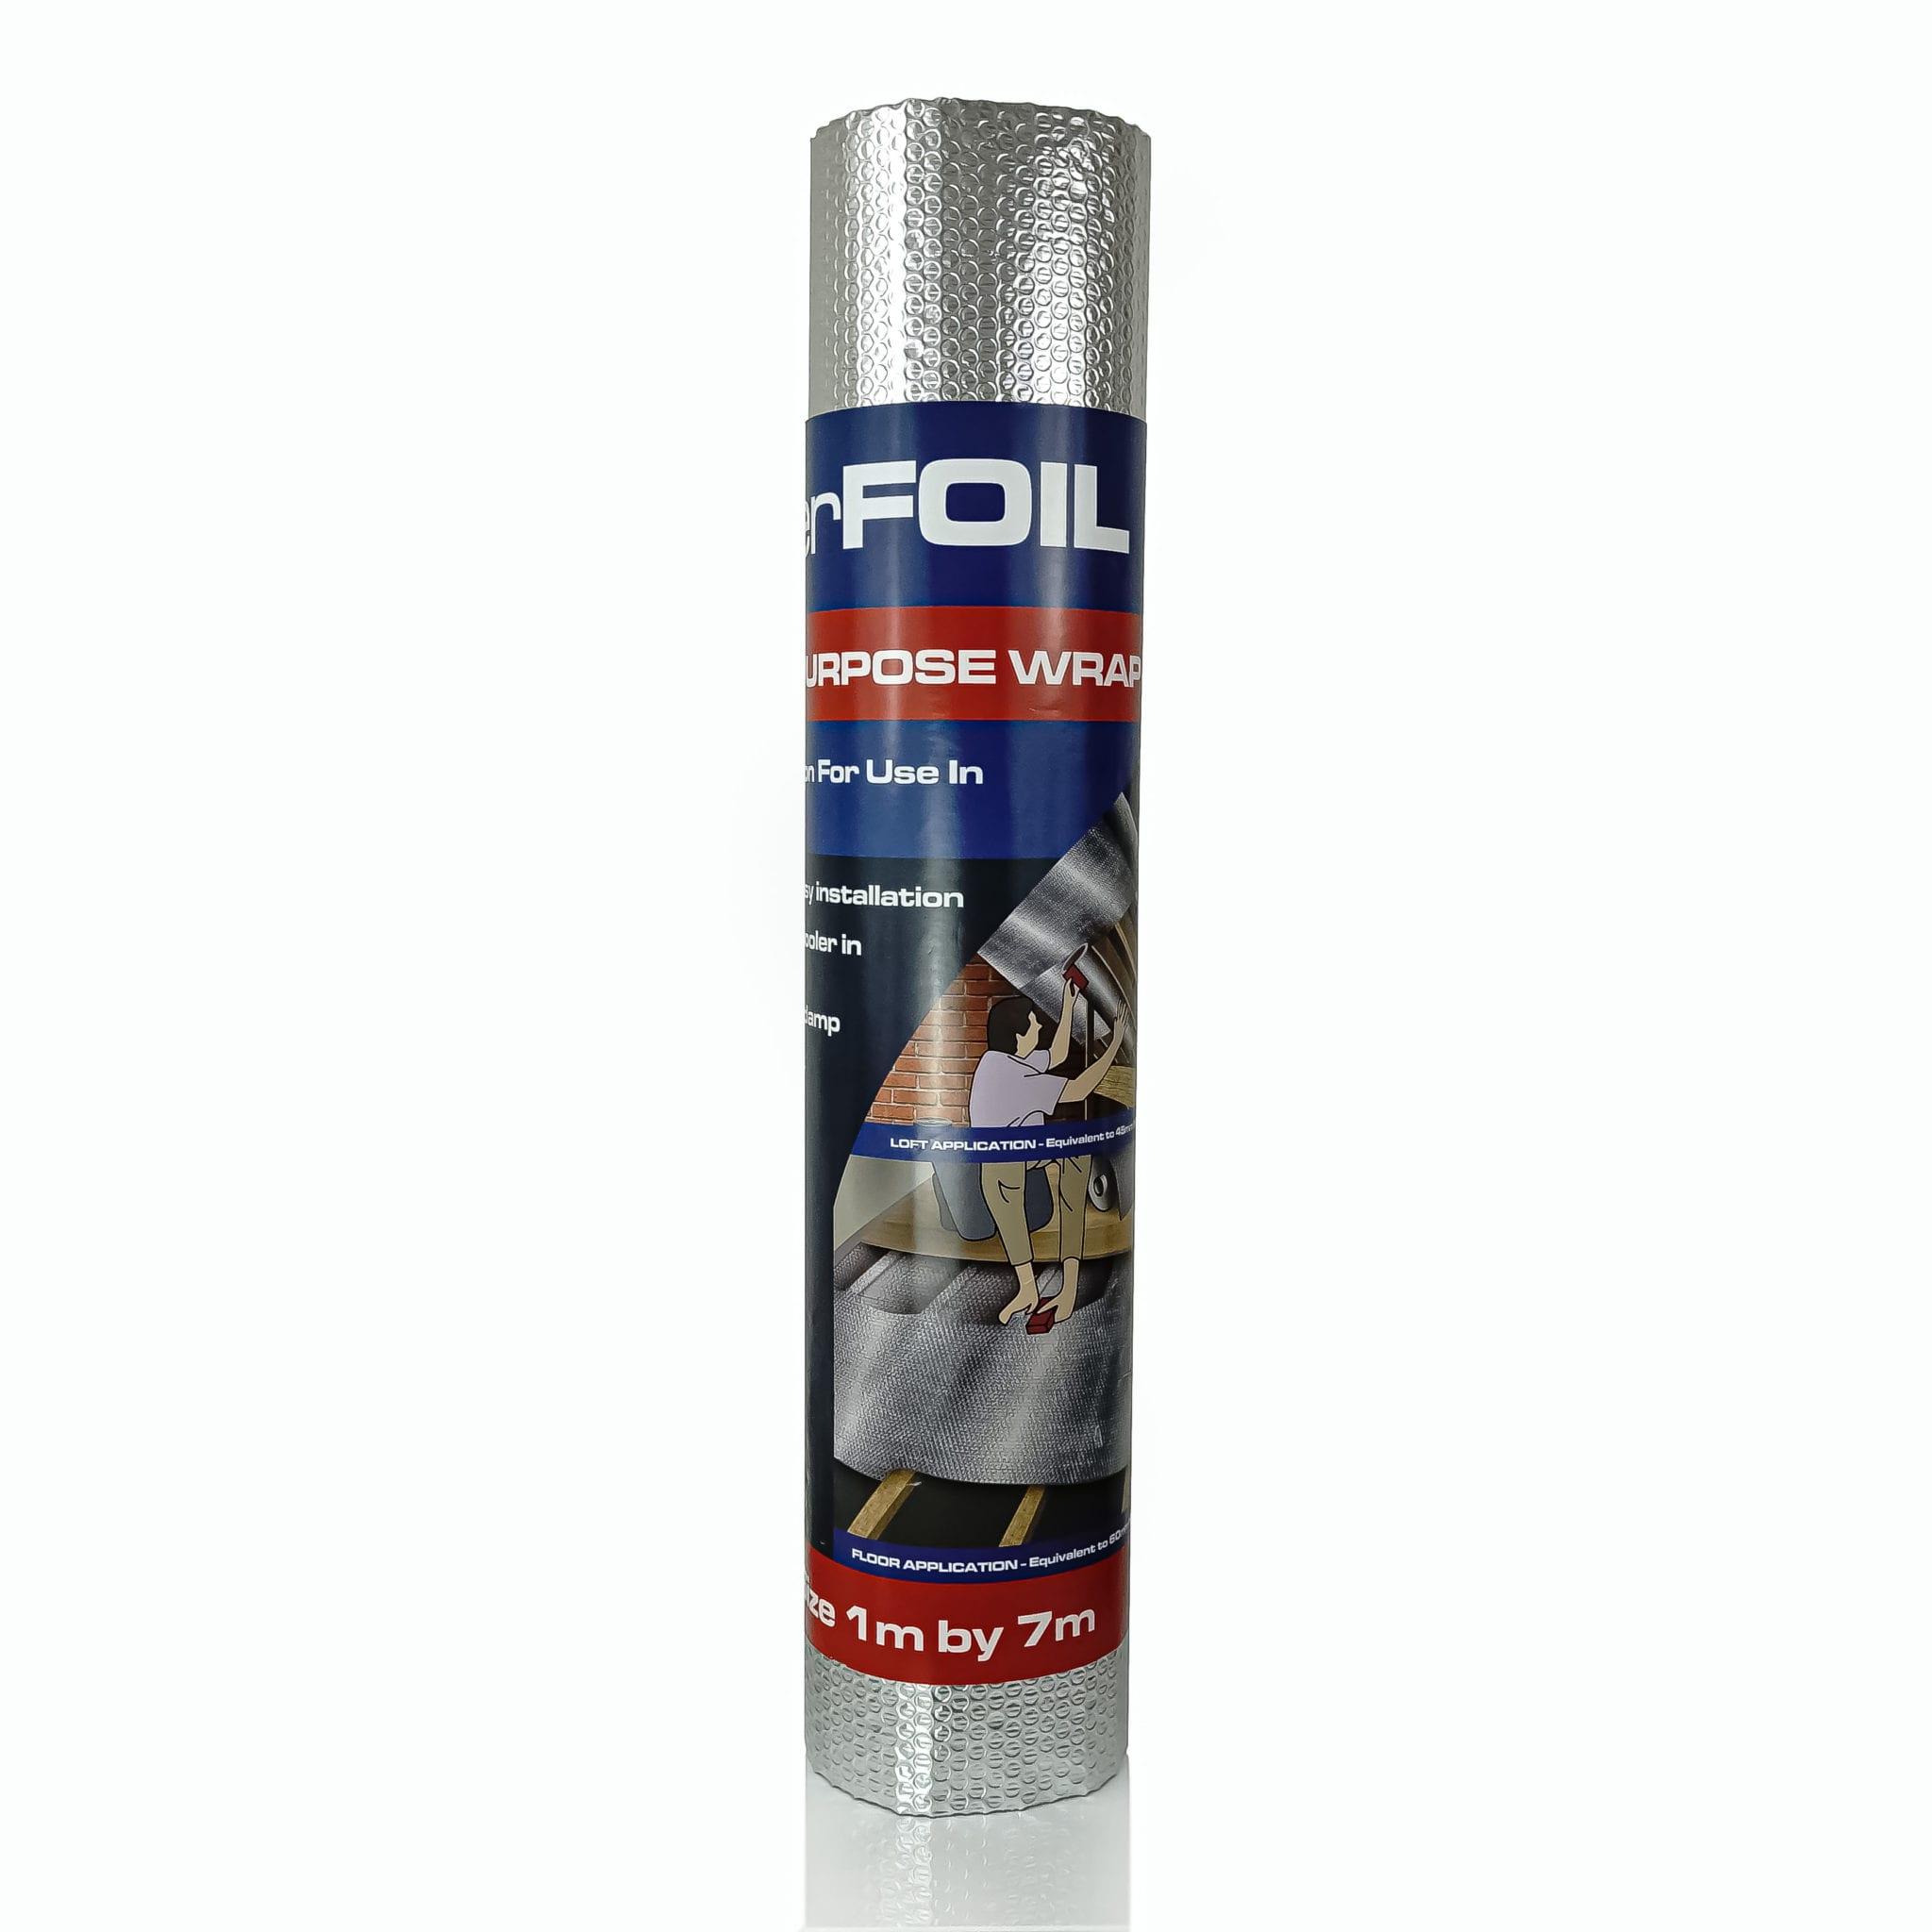 Foil Image 1